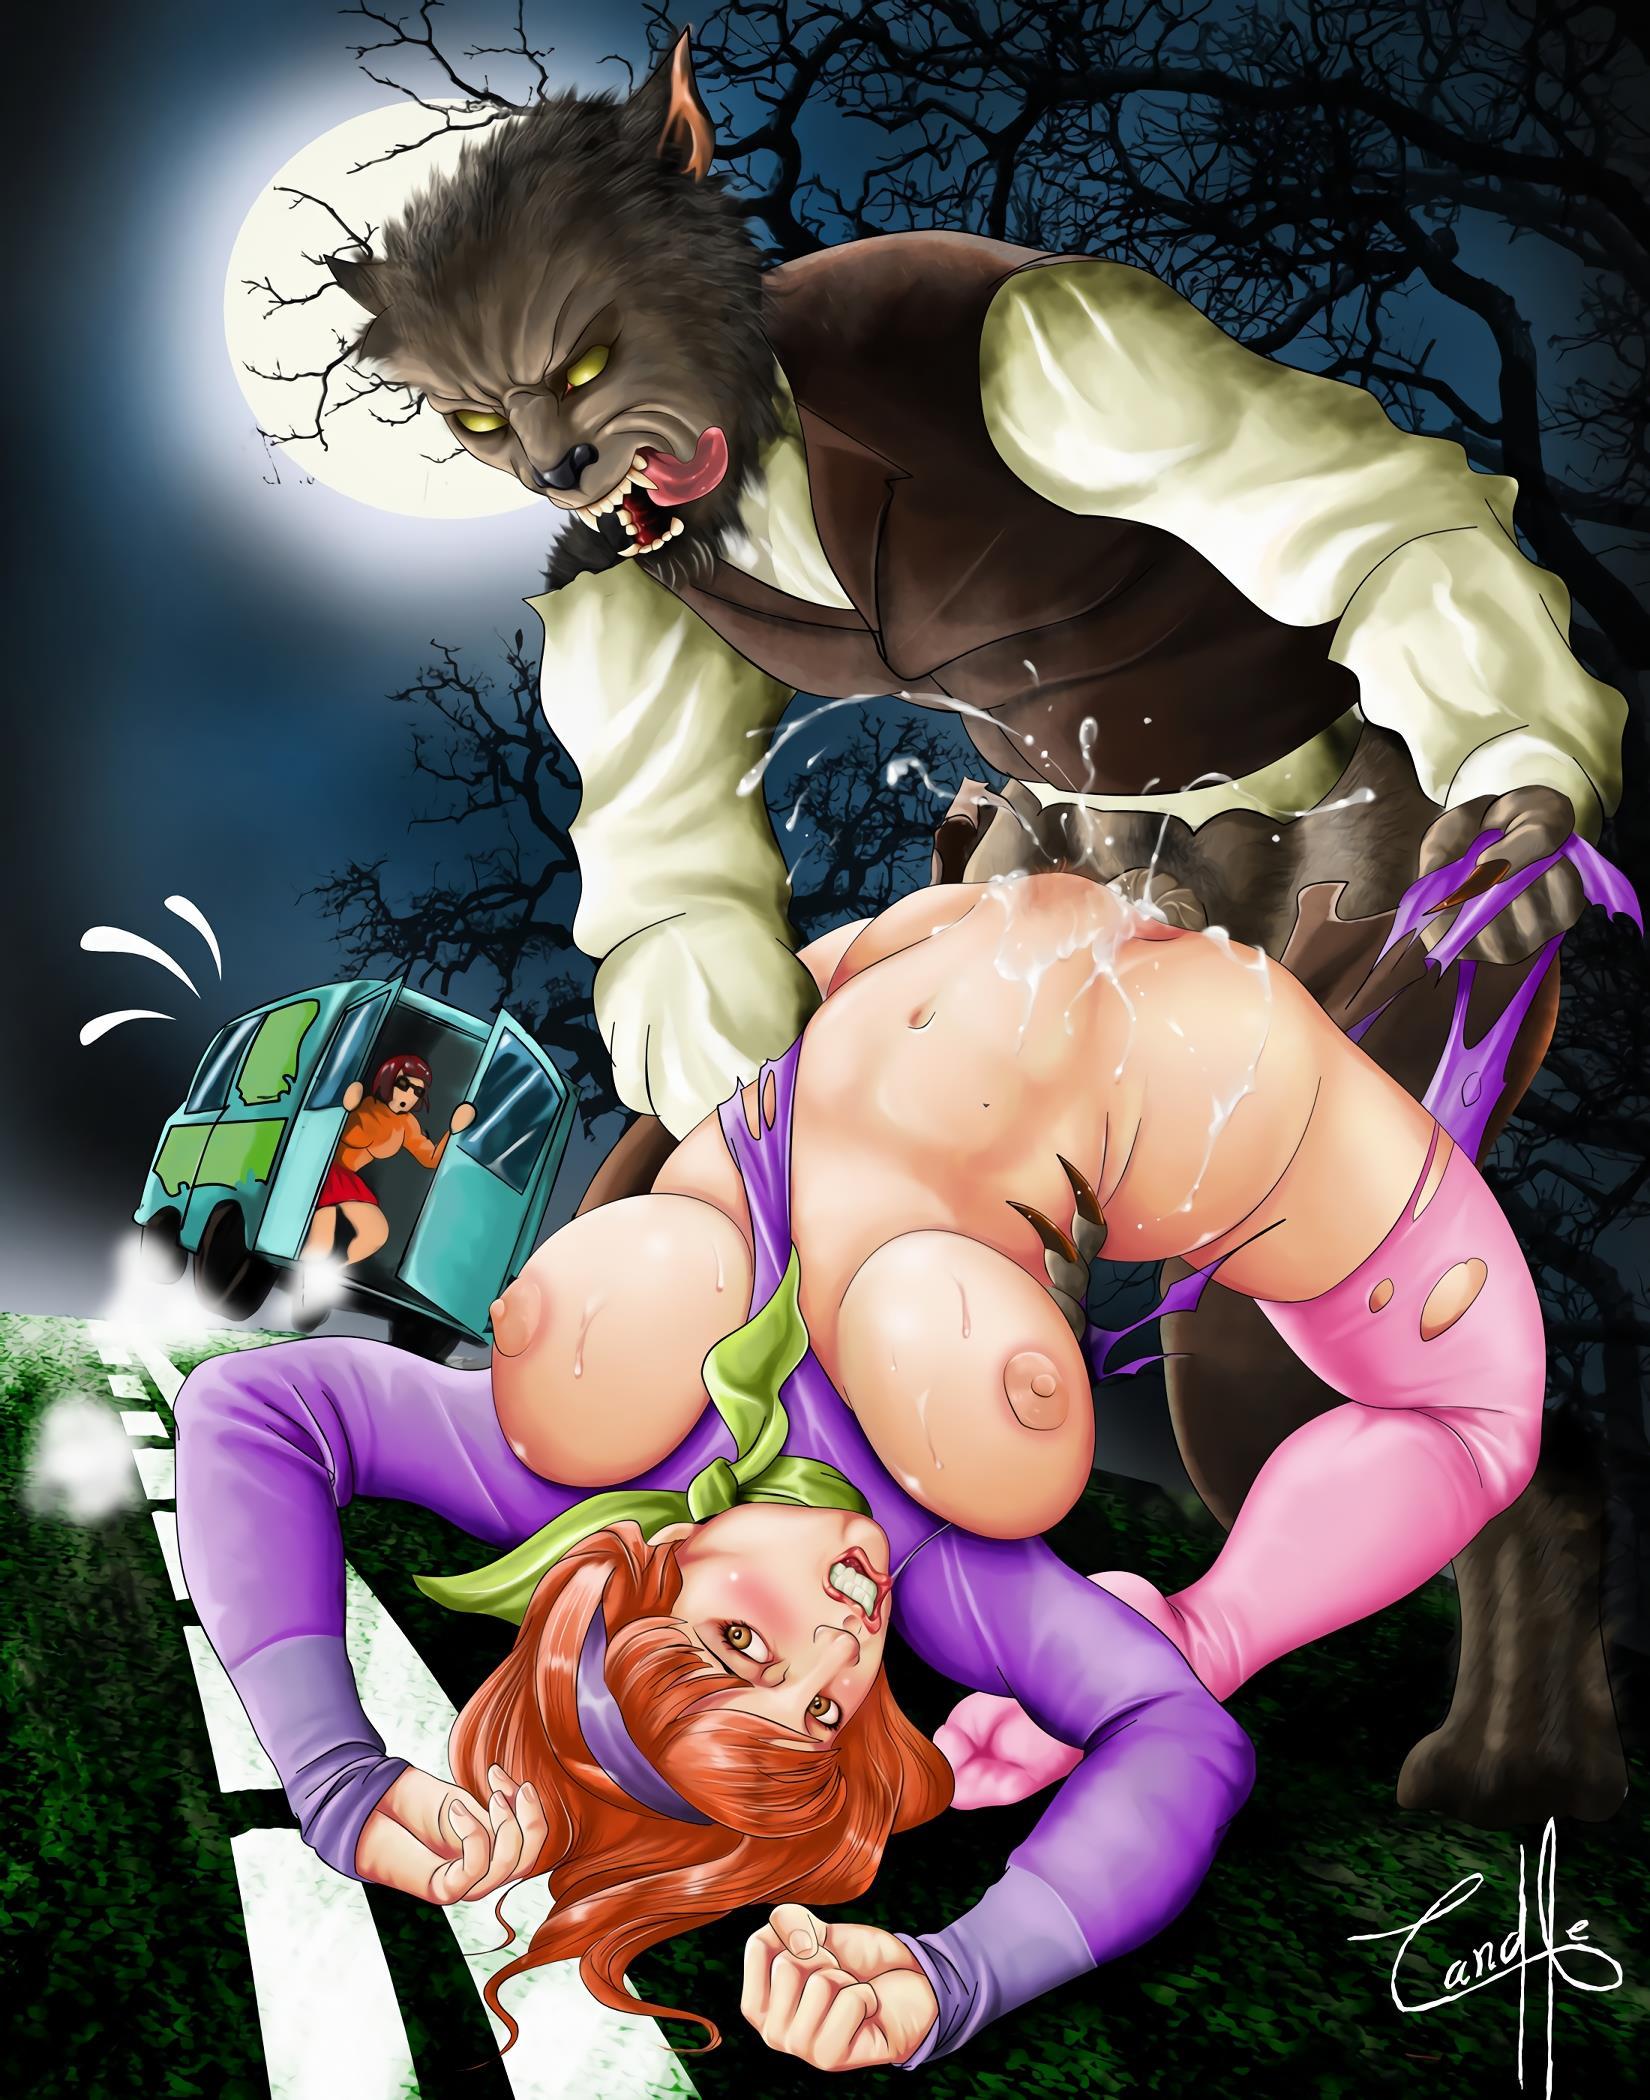 Doo pornos scooby Scooby doo